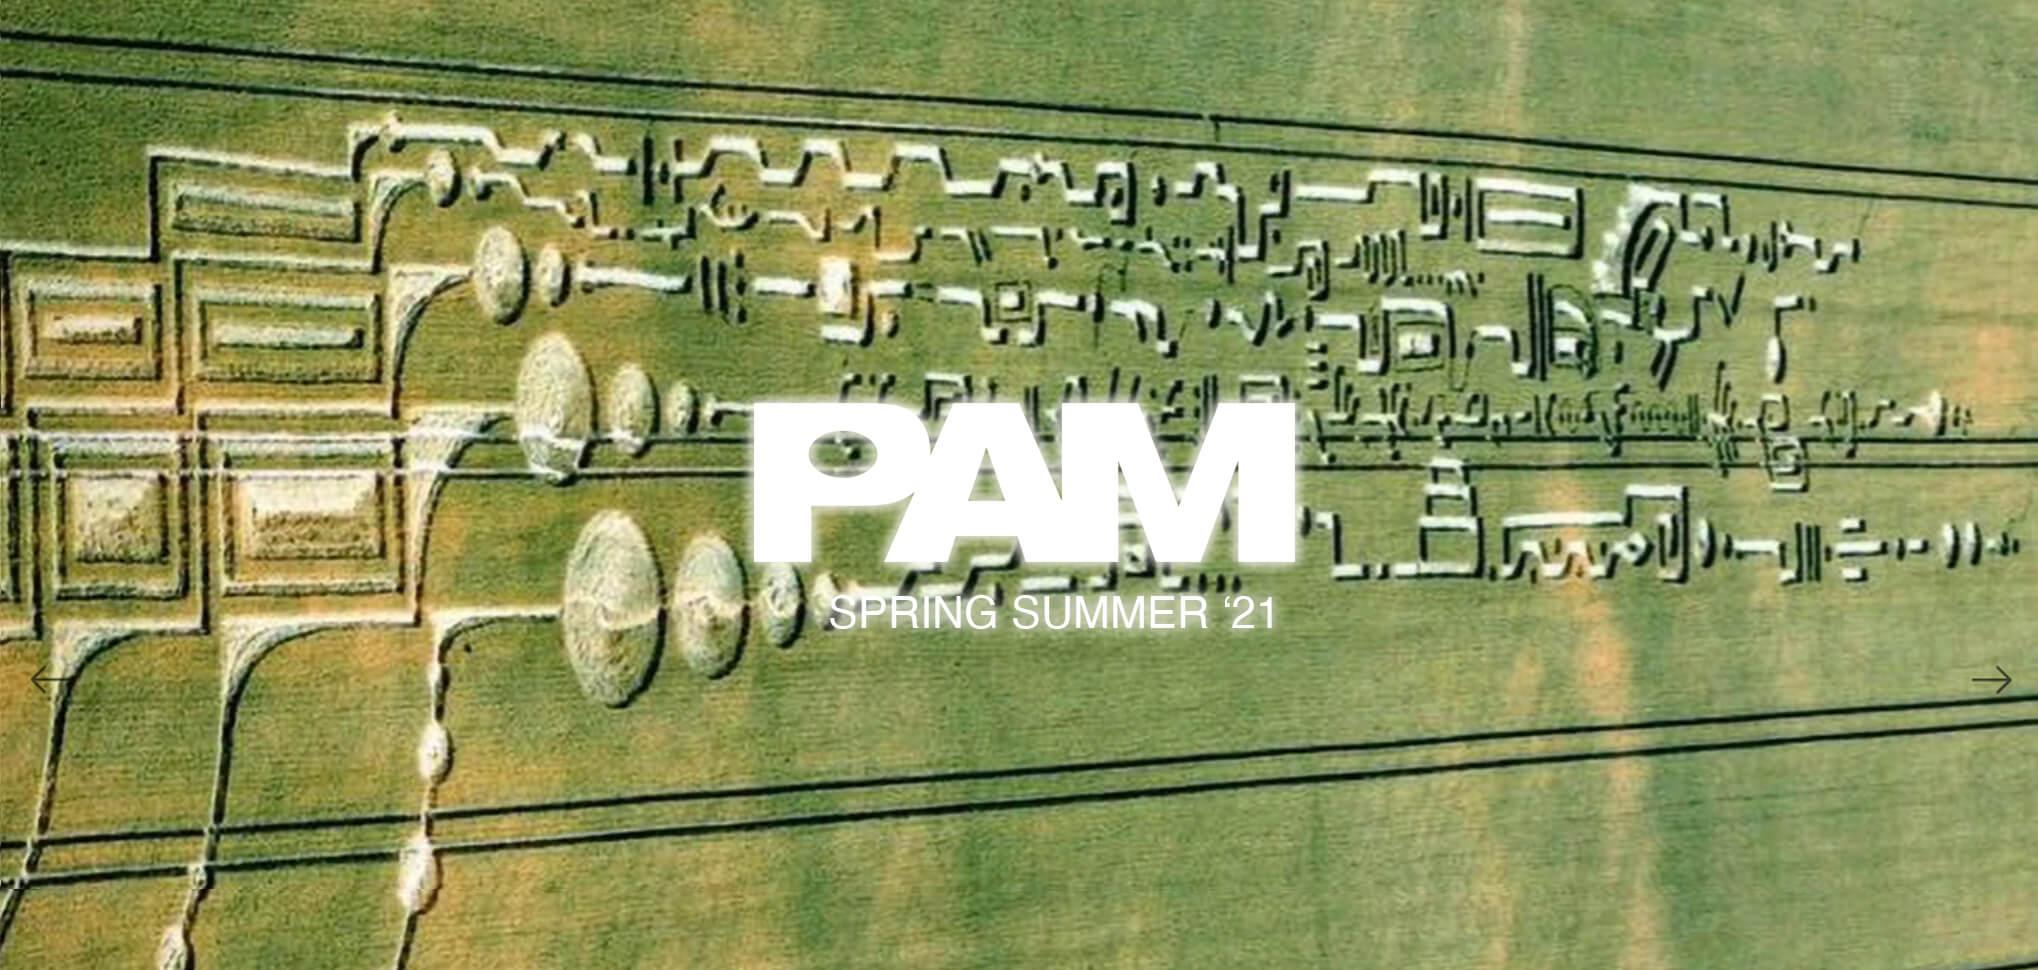 PAM SS21 BANNER